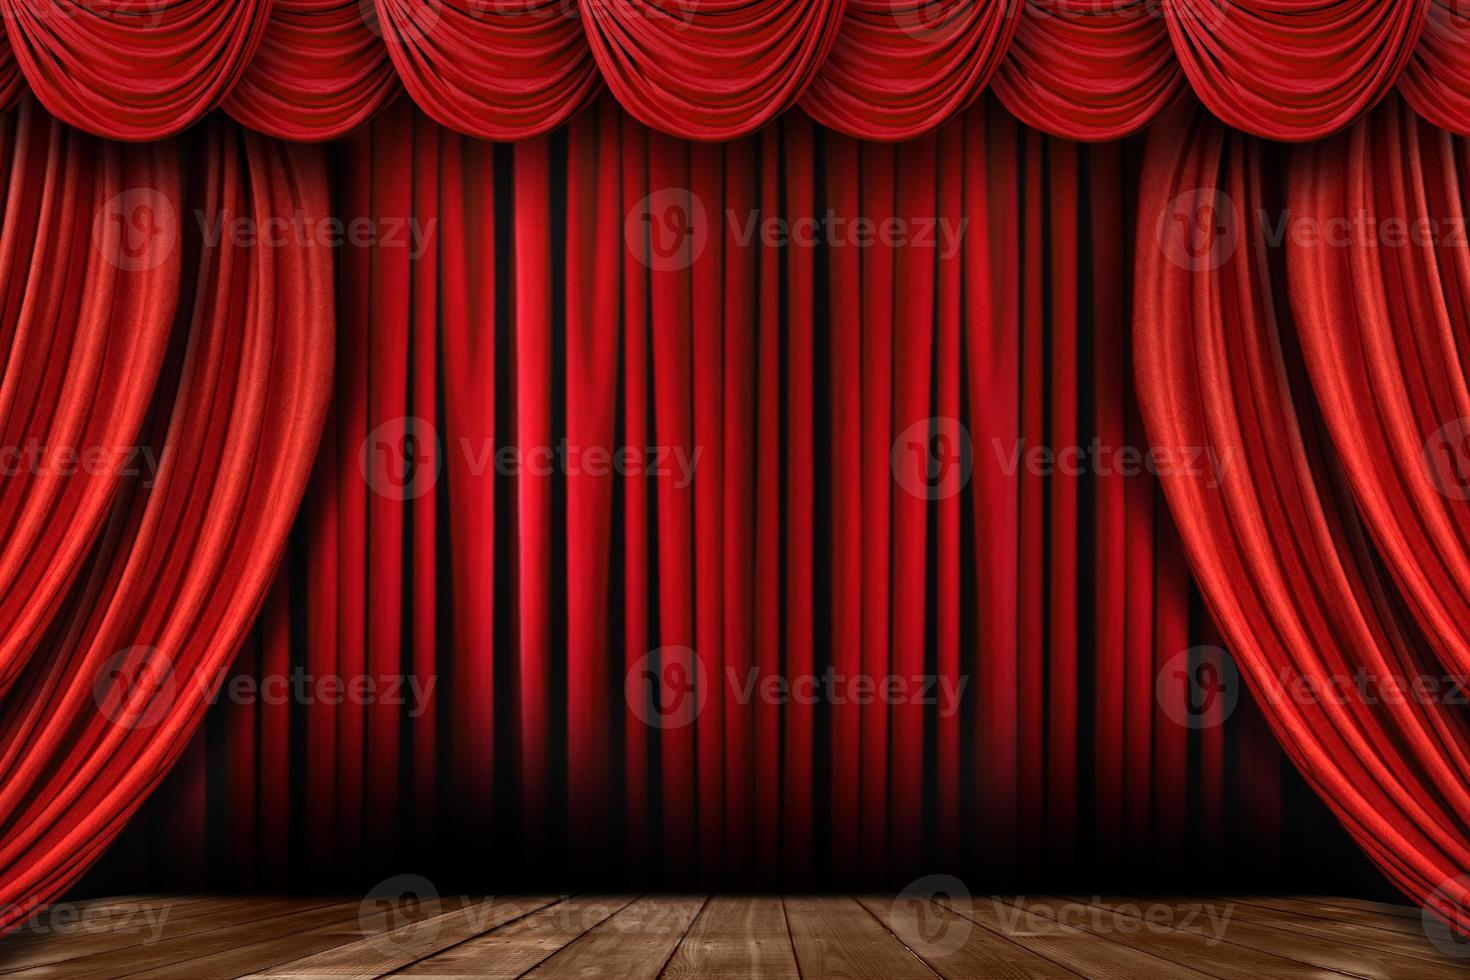 drappi di scena rosso vivo con molti festoni foto